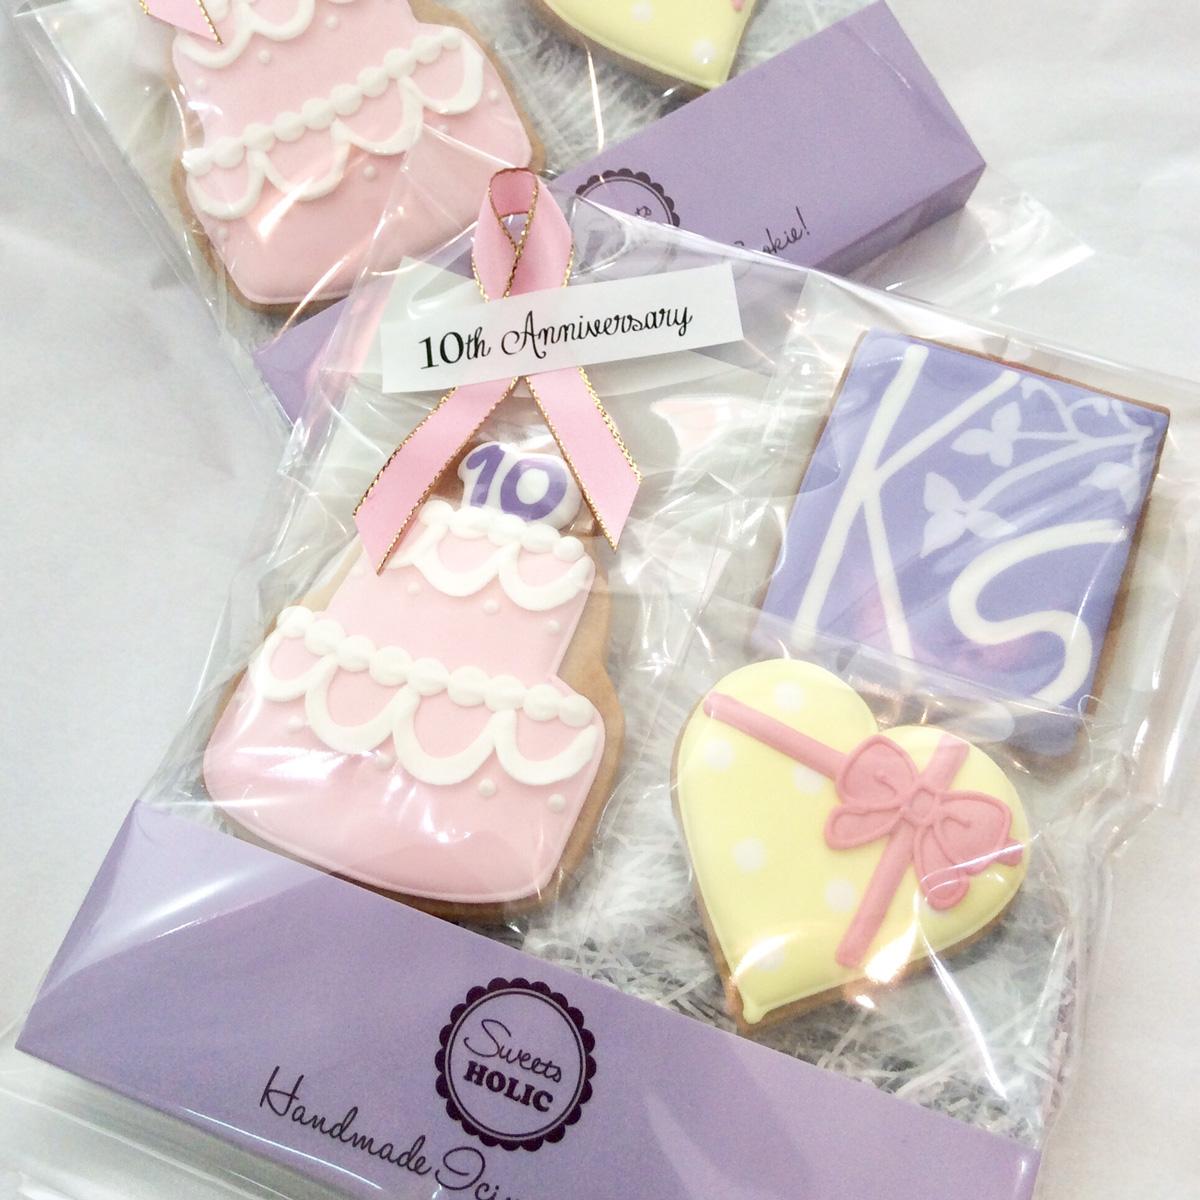 「銀座ケイスキンクリニック」10周年アニバーサリークッキー